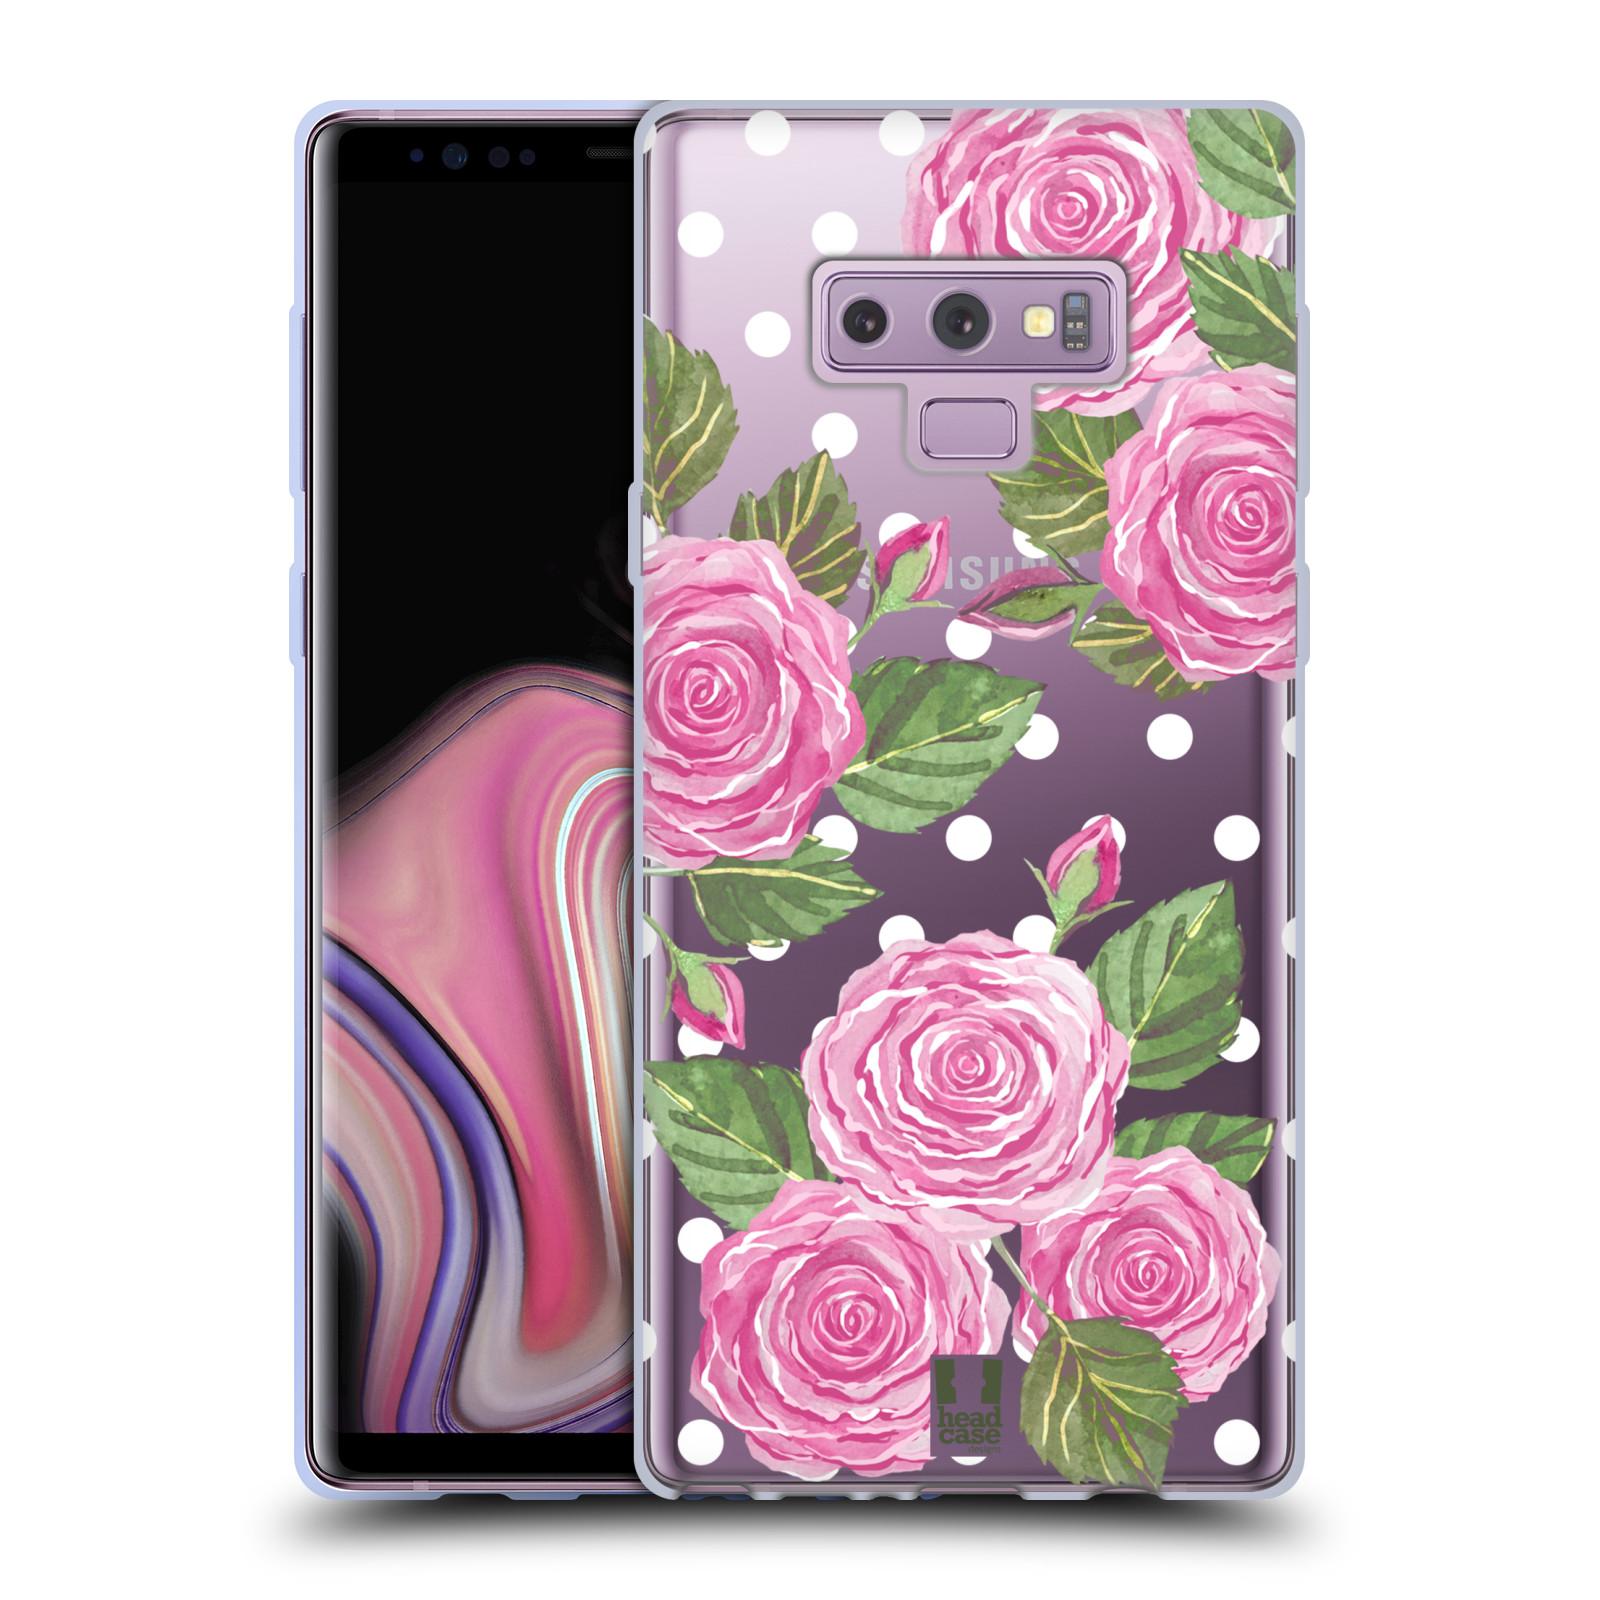 Silikonové pouzdro na mobil Samsung Galaxy Note 9 - Head Case - Hezoučké růžičky - průhledné